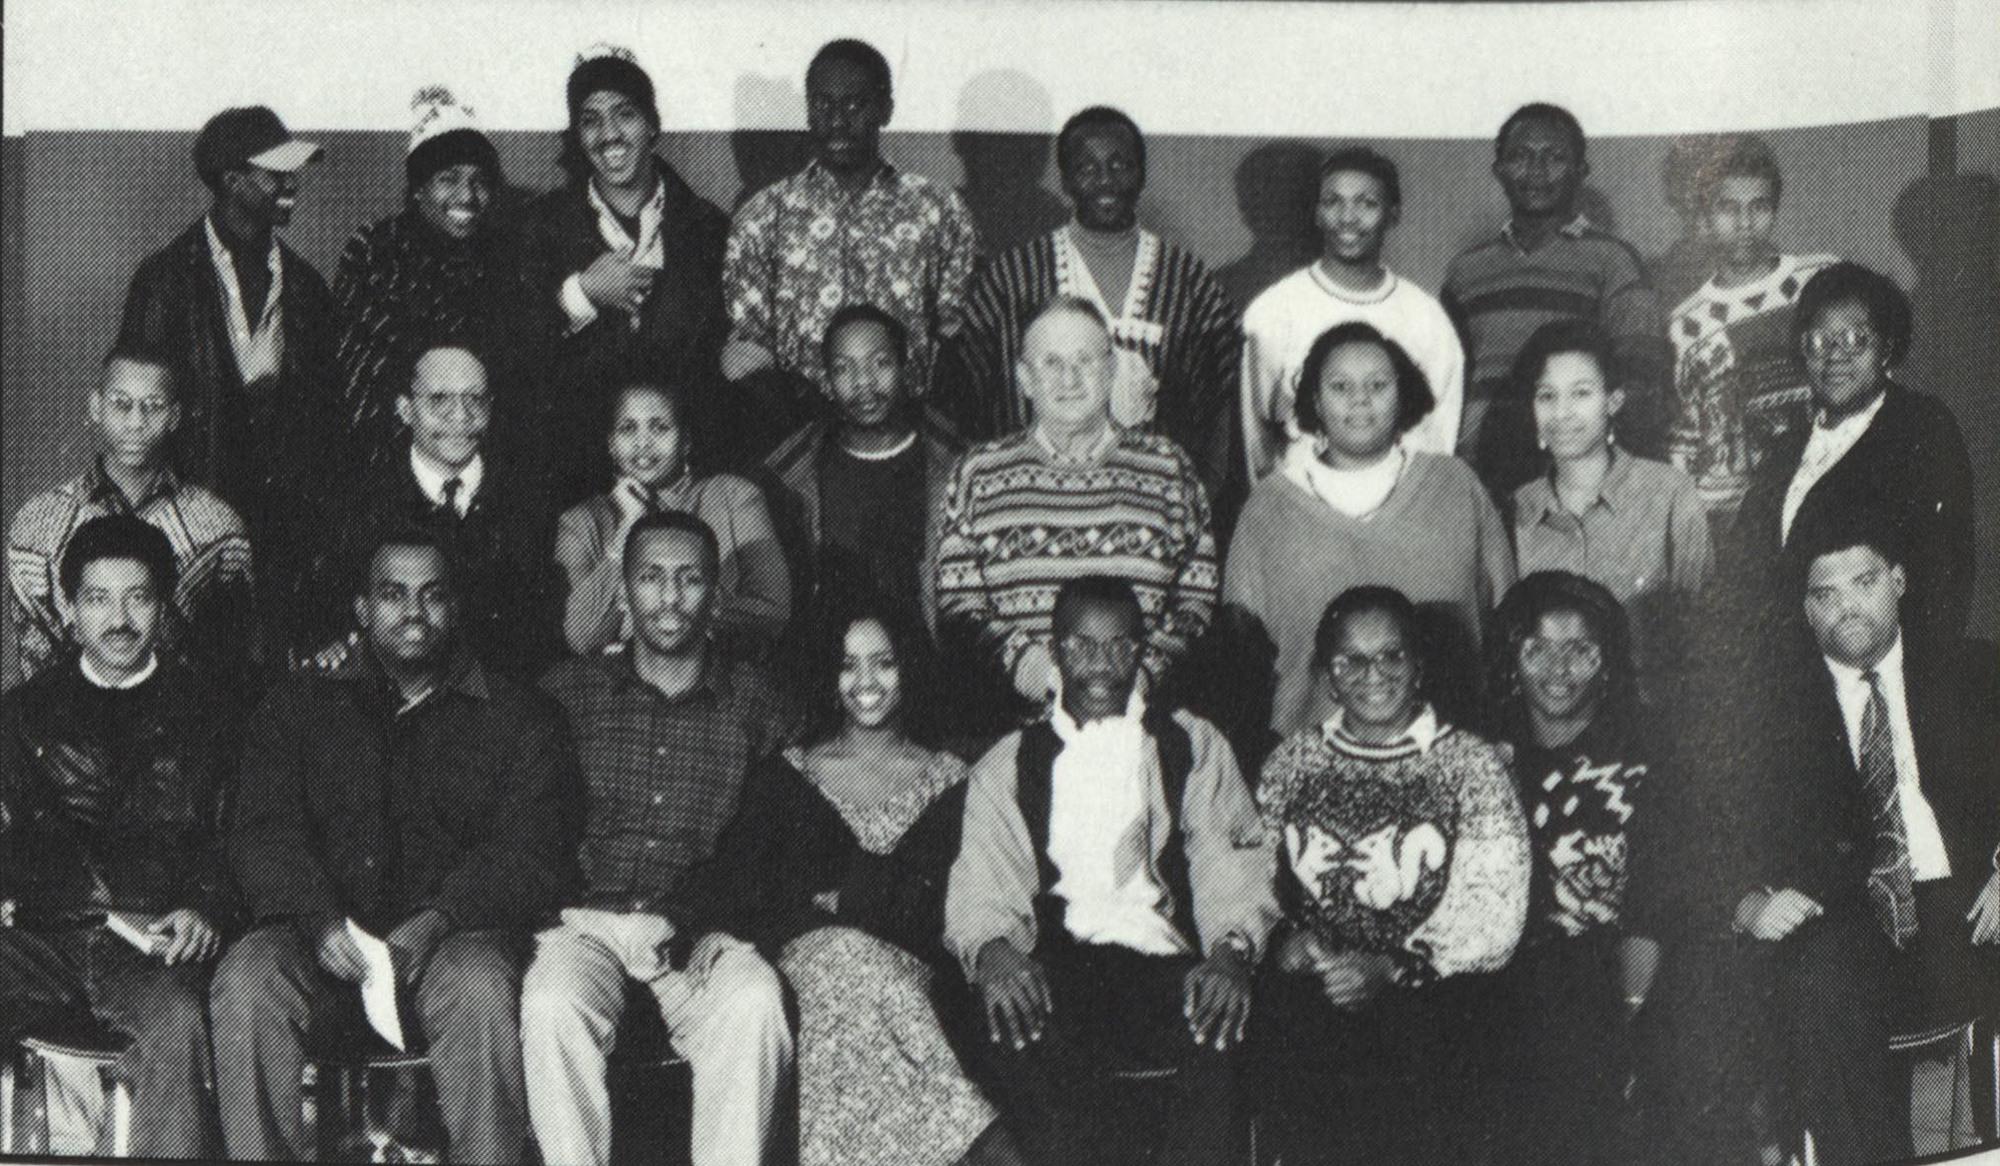 http://spec.lib.vt.edu/pickup/Omeka_upload/AfricanStudentAssociation_1994.jpg